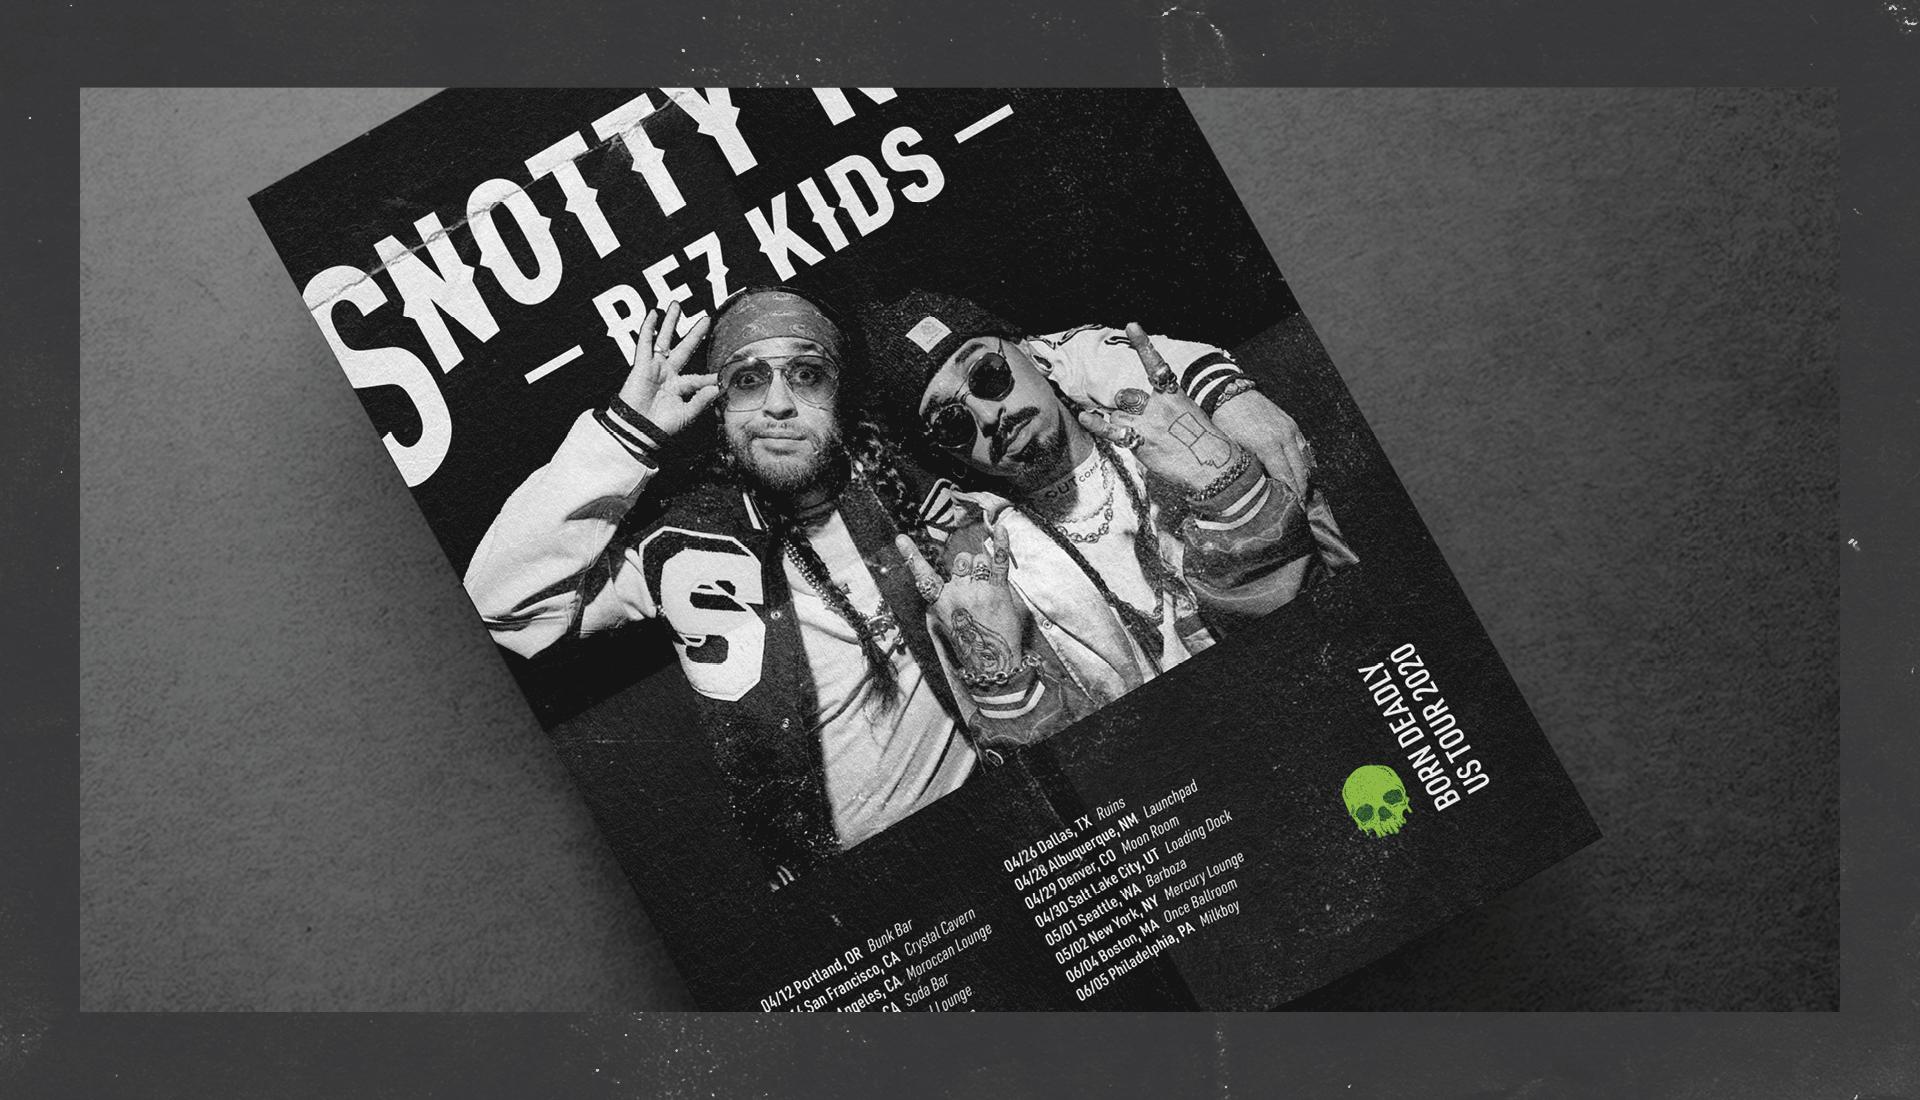 Snotty Nose Rez Kids | Born Deady Tour Announcement Poster